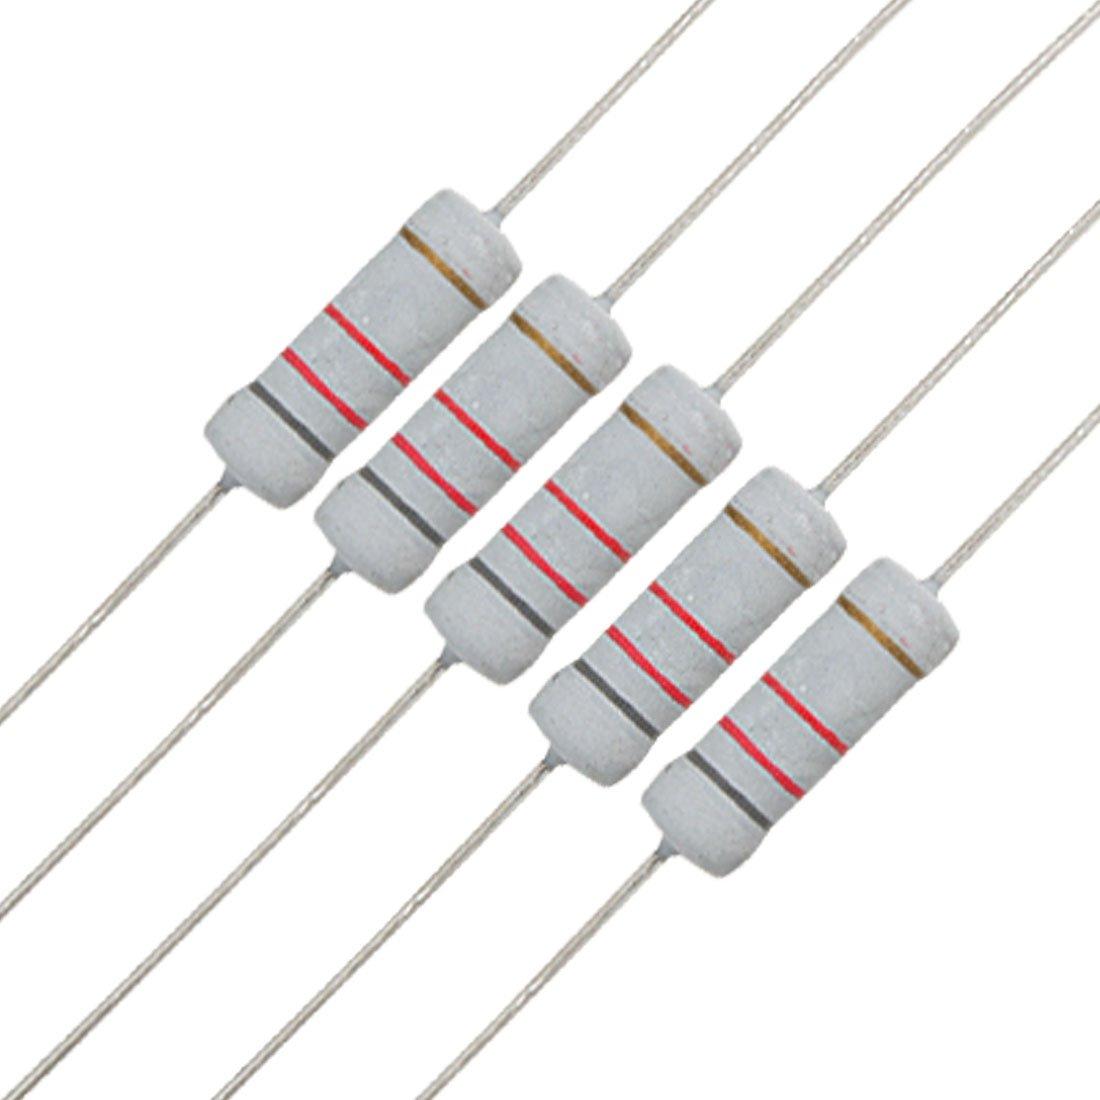 40pcs 3W 3 Watt Metal Oxide Film Resistor Axial Lead 22K Ohm ±5/% Tolerance